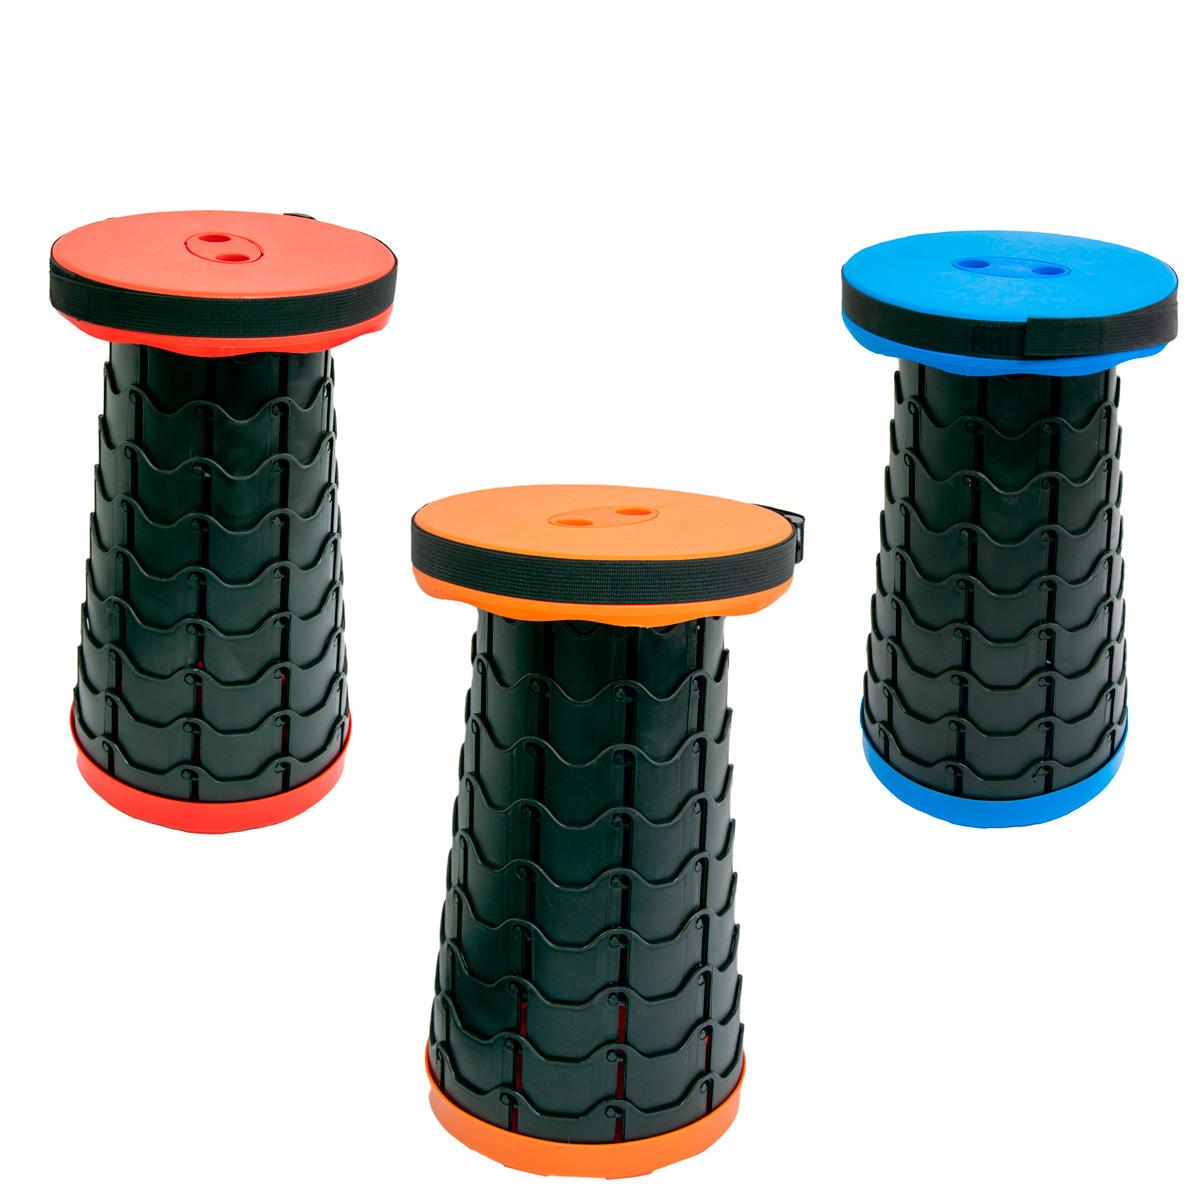 """Табурет складной пластиковый """"Folding stool - Оранжевый"""" 45х26 см, раскладной телескопический стул (ST)"""